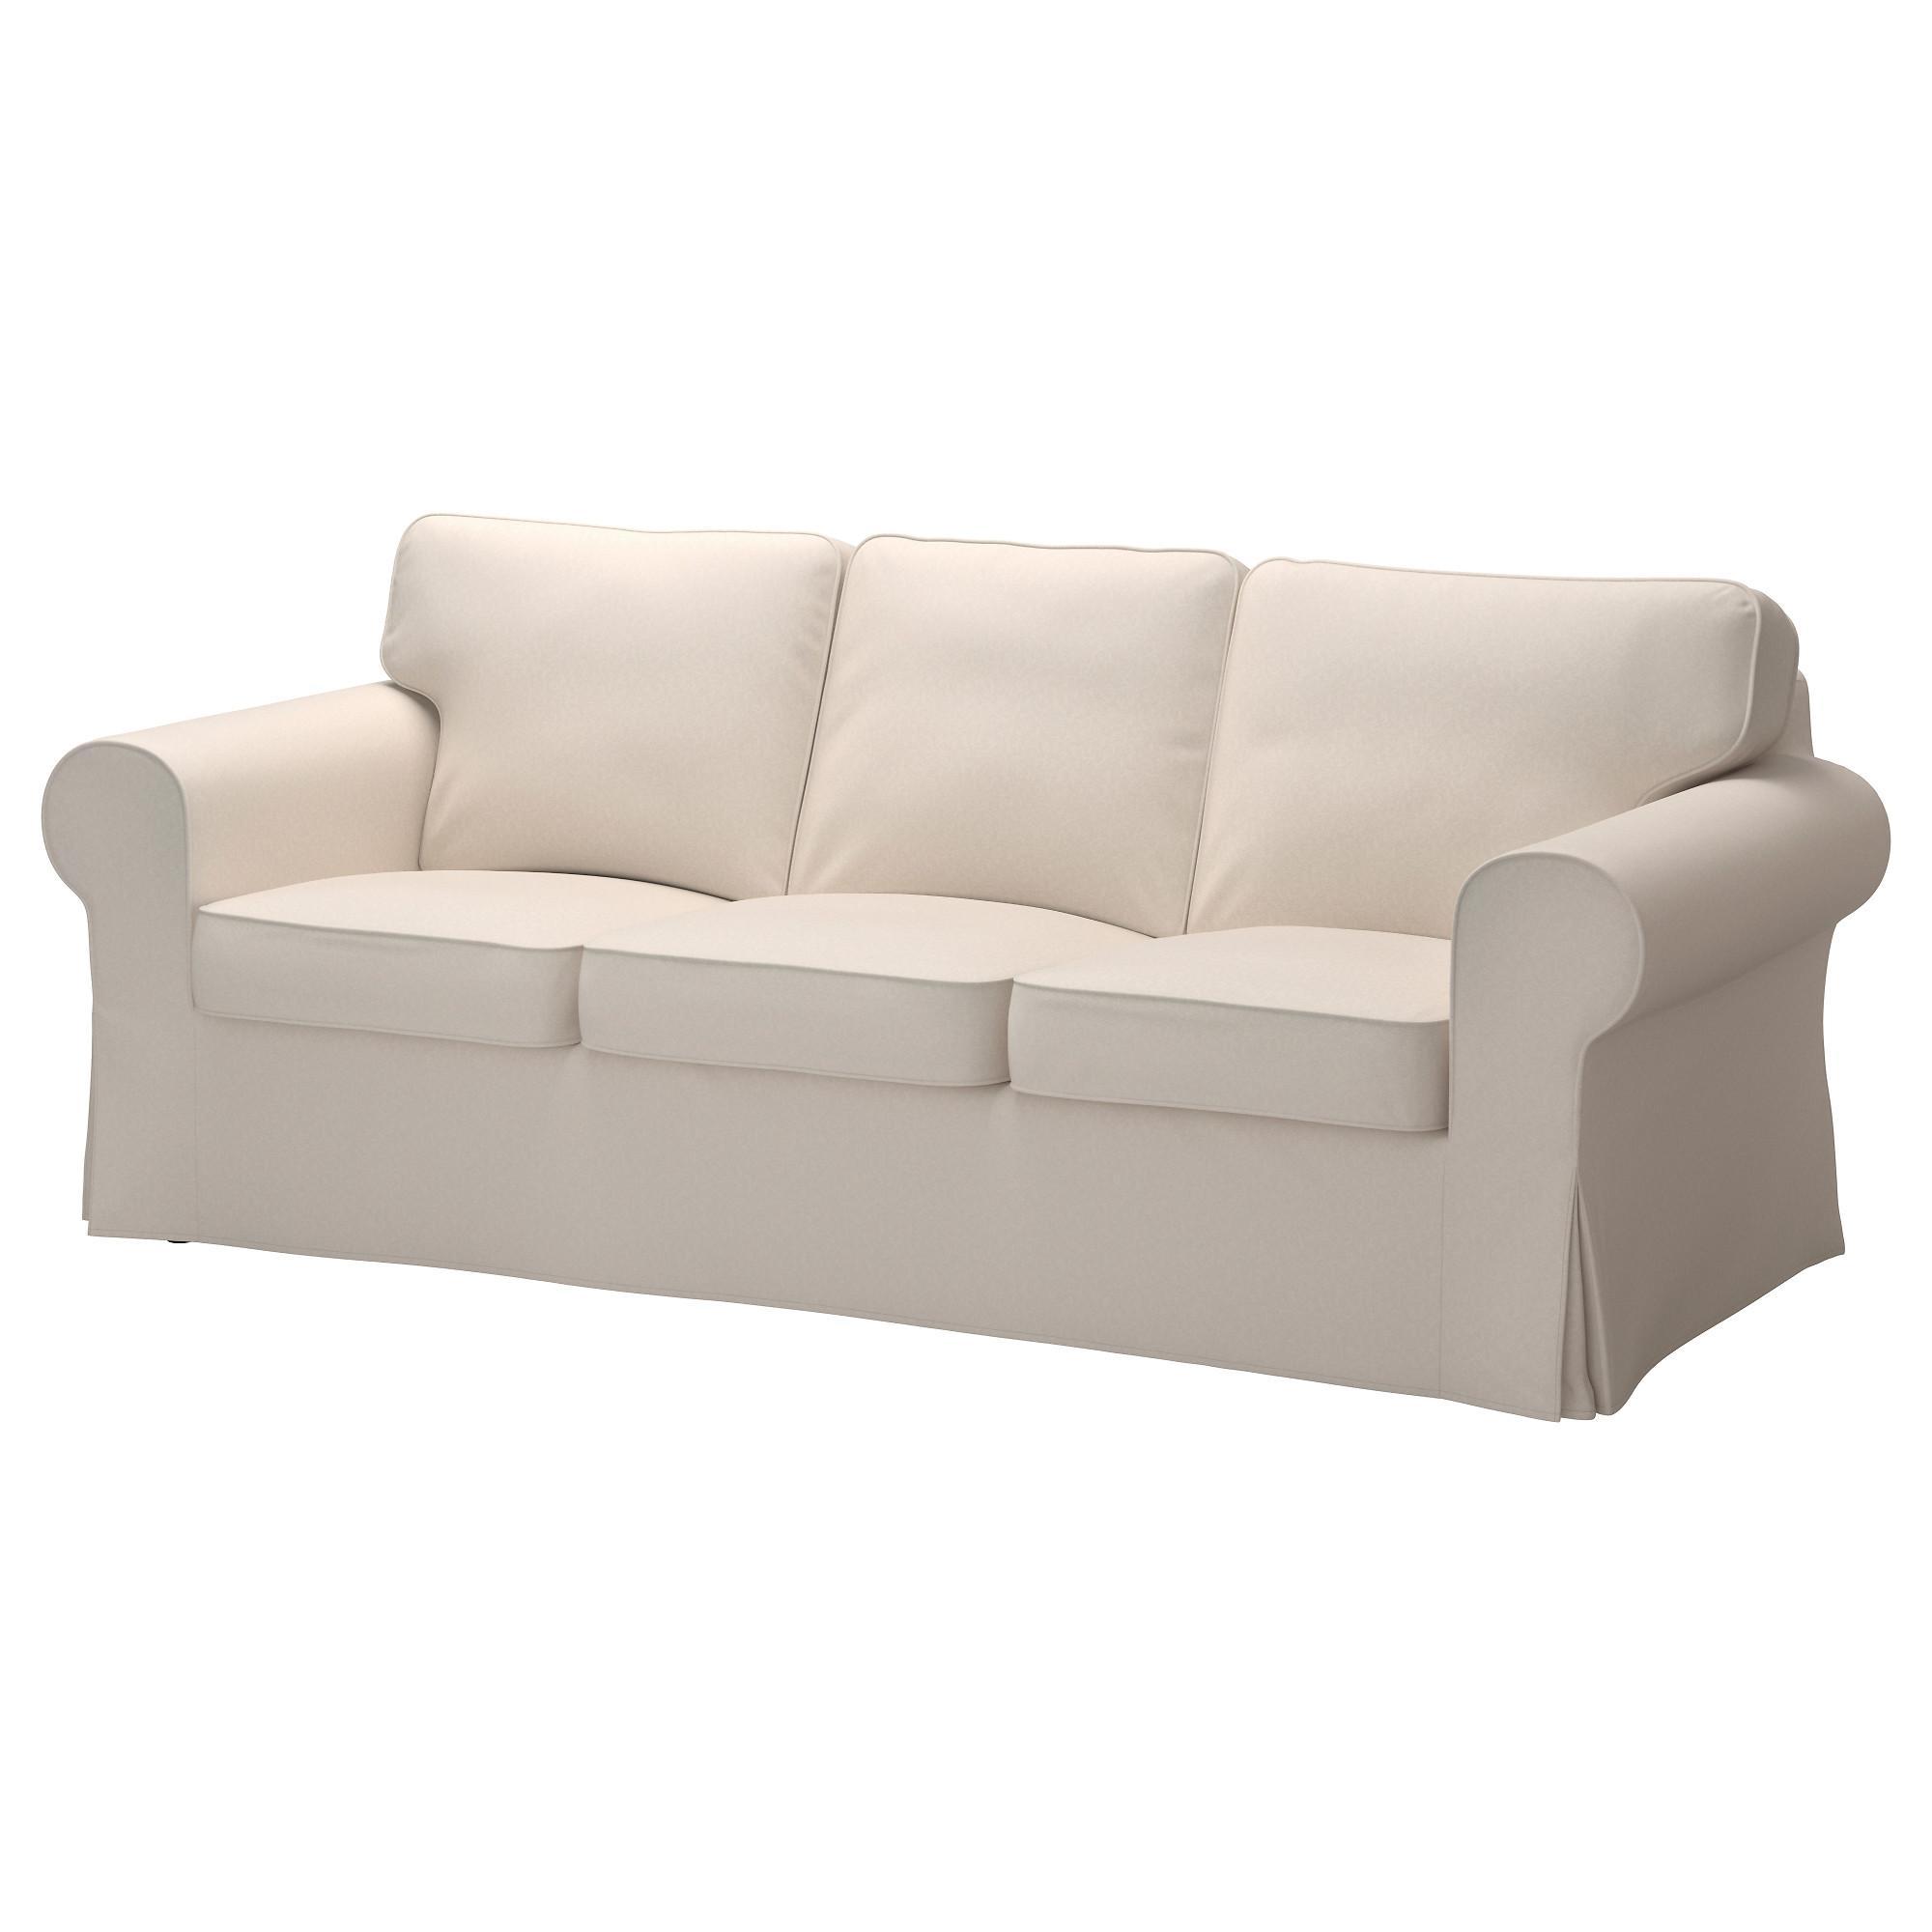 Ektorp Sofa – Lofallet Beige – Ikea Pertaining To White Fabric Sofas (View 2 of 20)